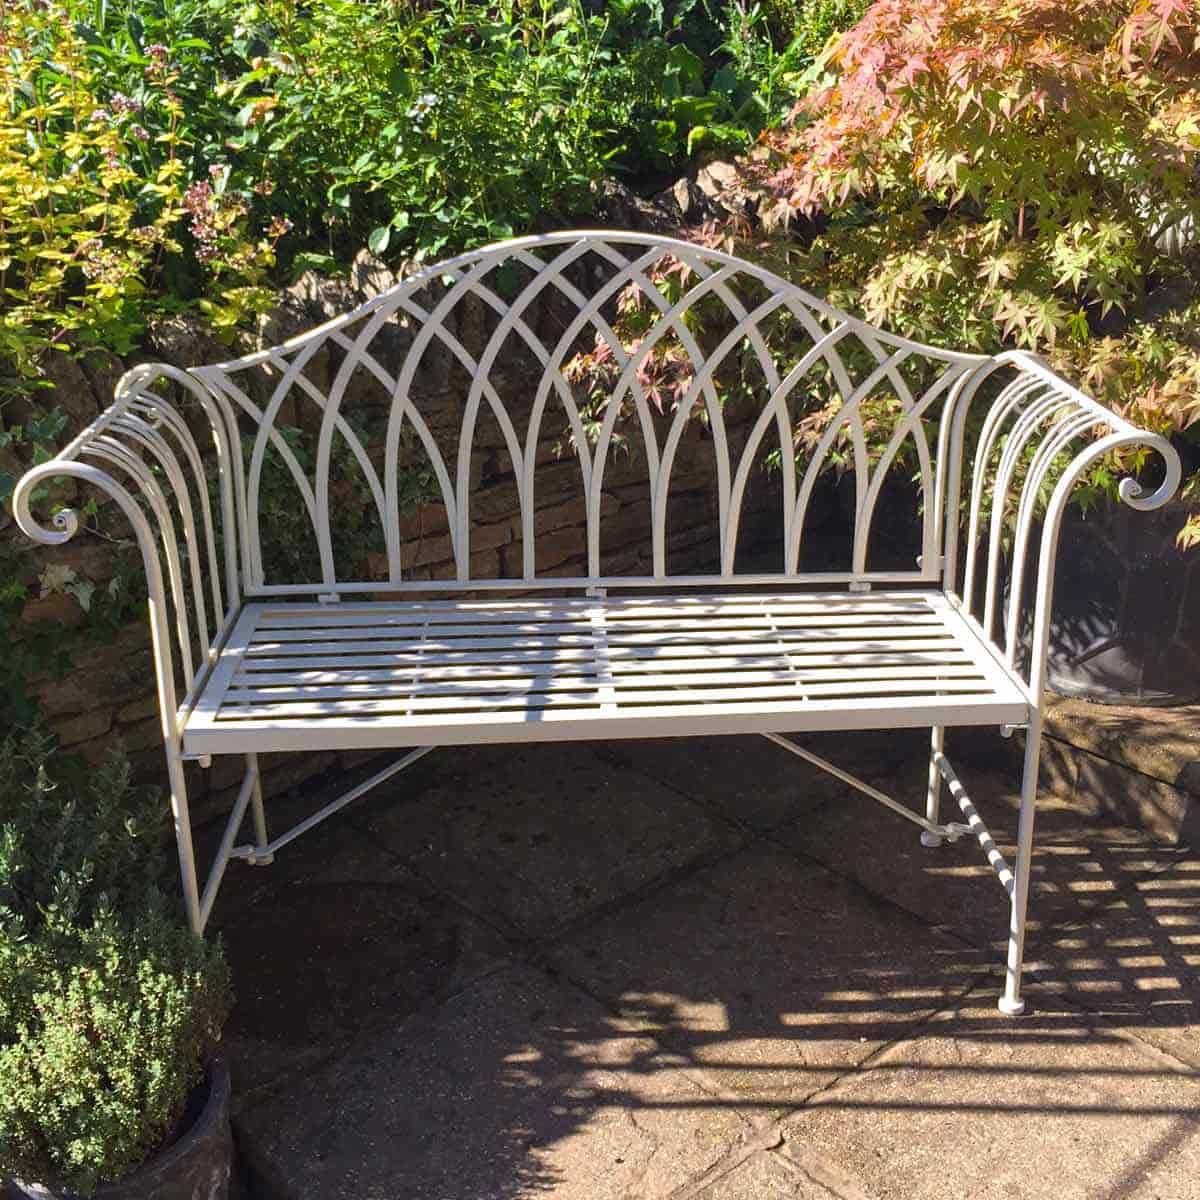 Banc De Jardin Oxford Mieux Spécial Banc Bois Exterieur Design